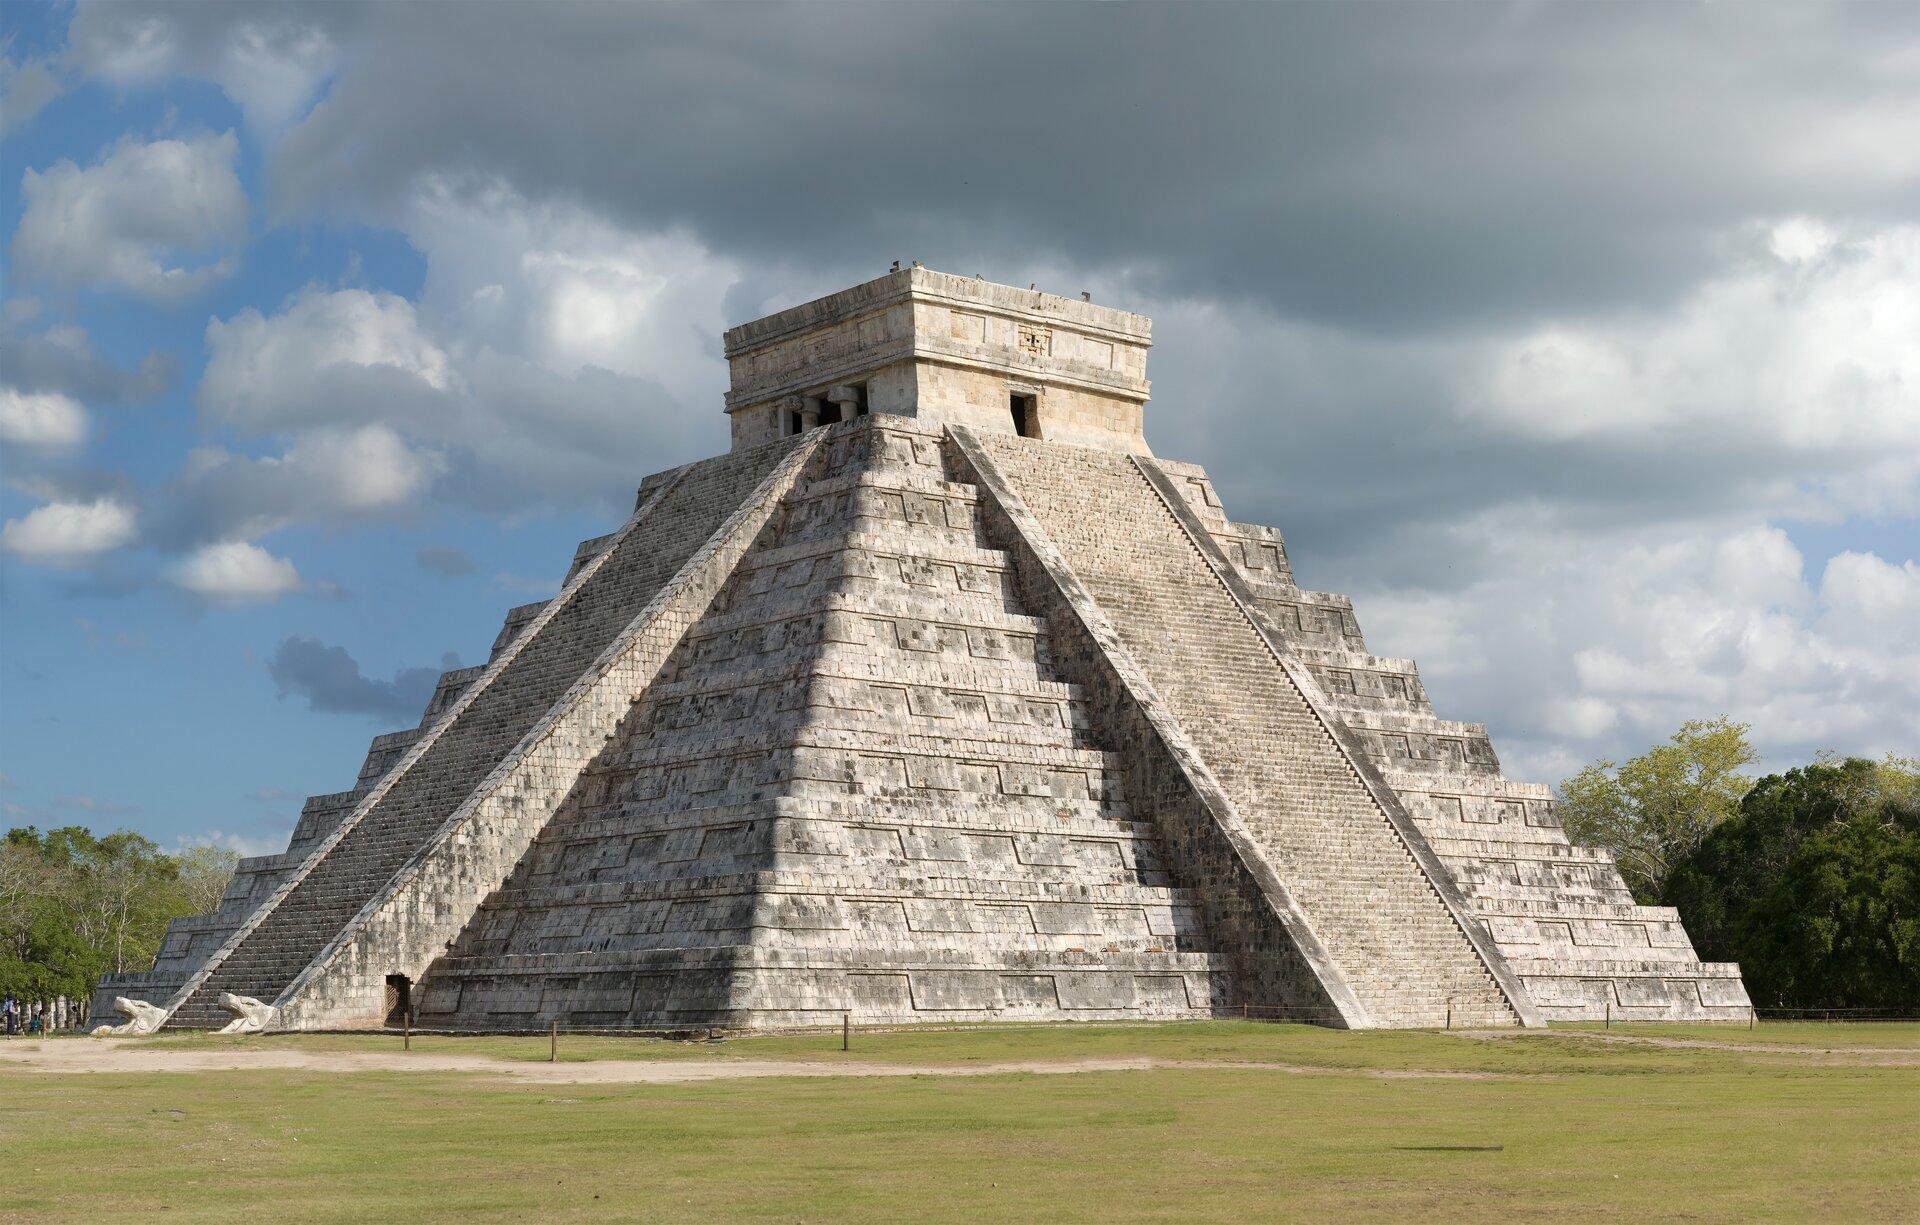 Na zdjęciu kamienna budowla wkształcie graniastosłupa okwadratowej podstawie, zwężającego schodkowo się ku górze. Upodstawy teren trawiasty.